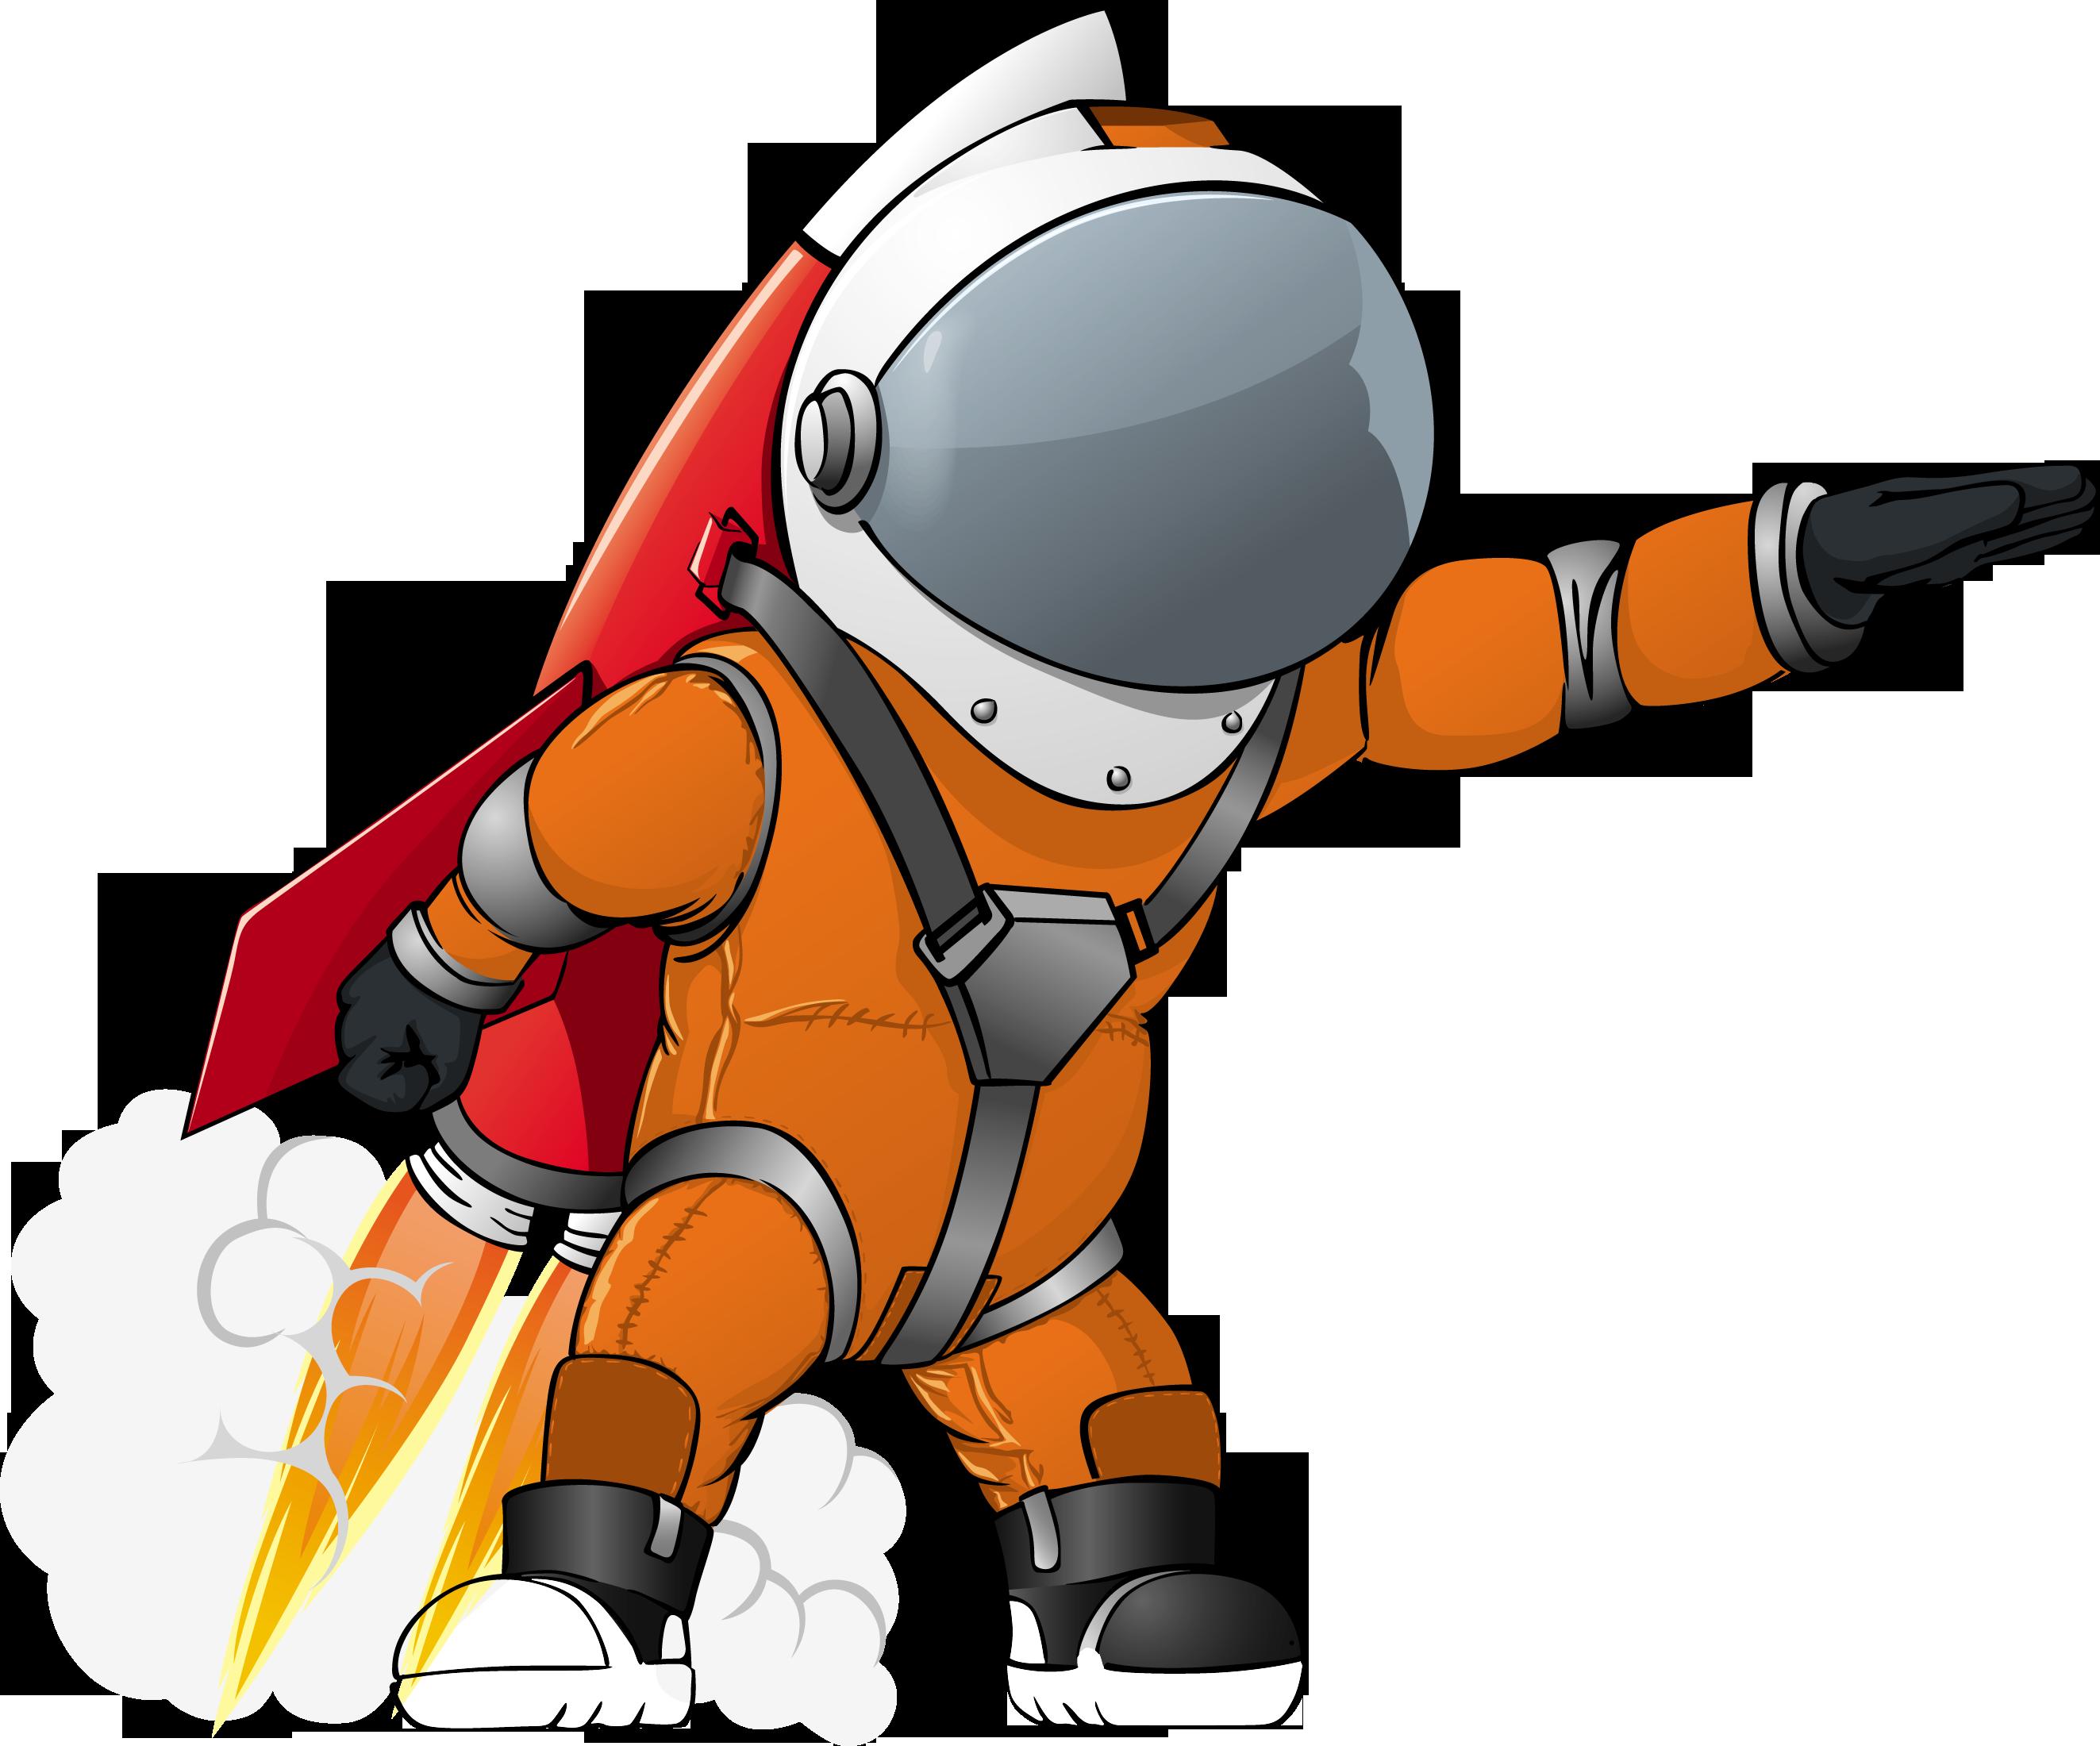 Pilot clipart person. Astronaut png image purepng